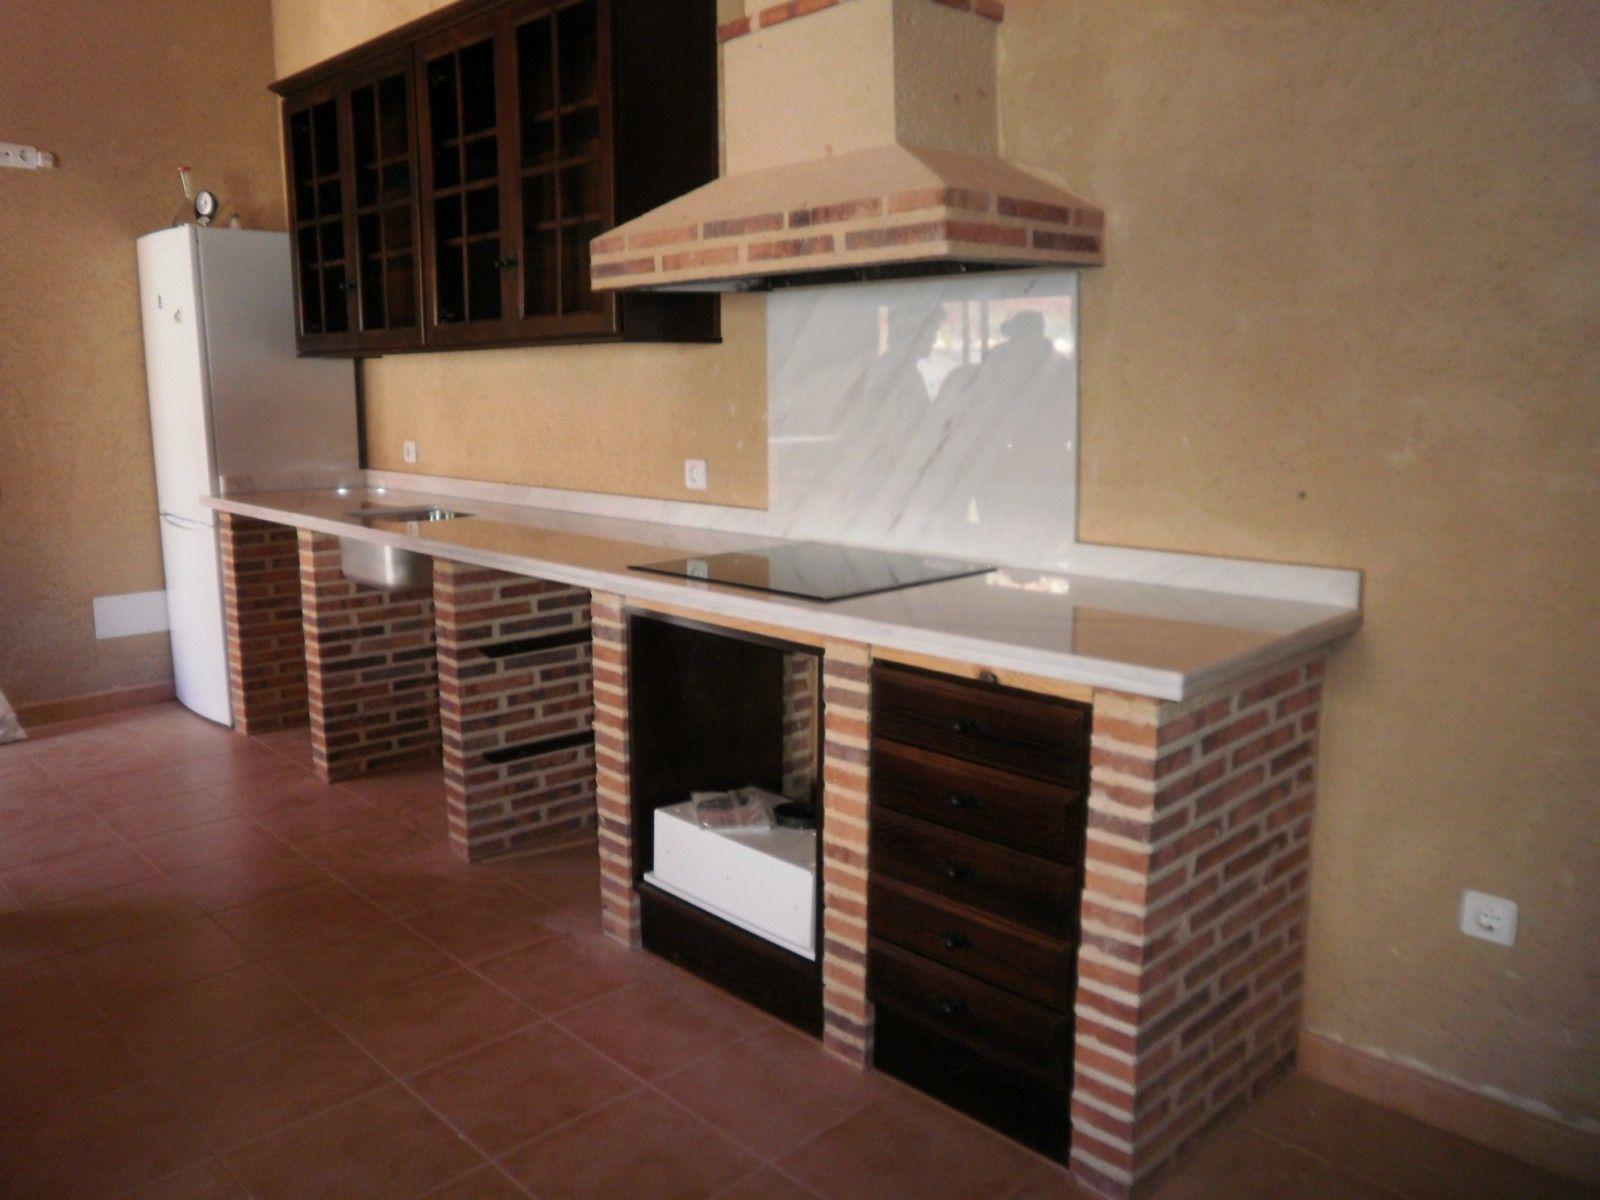 Credenza Finca Rustica : Mayal construcción y diseño s.l.: ejecución de merendero en paredes